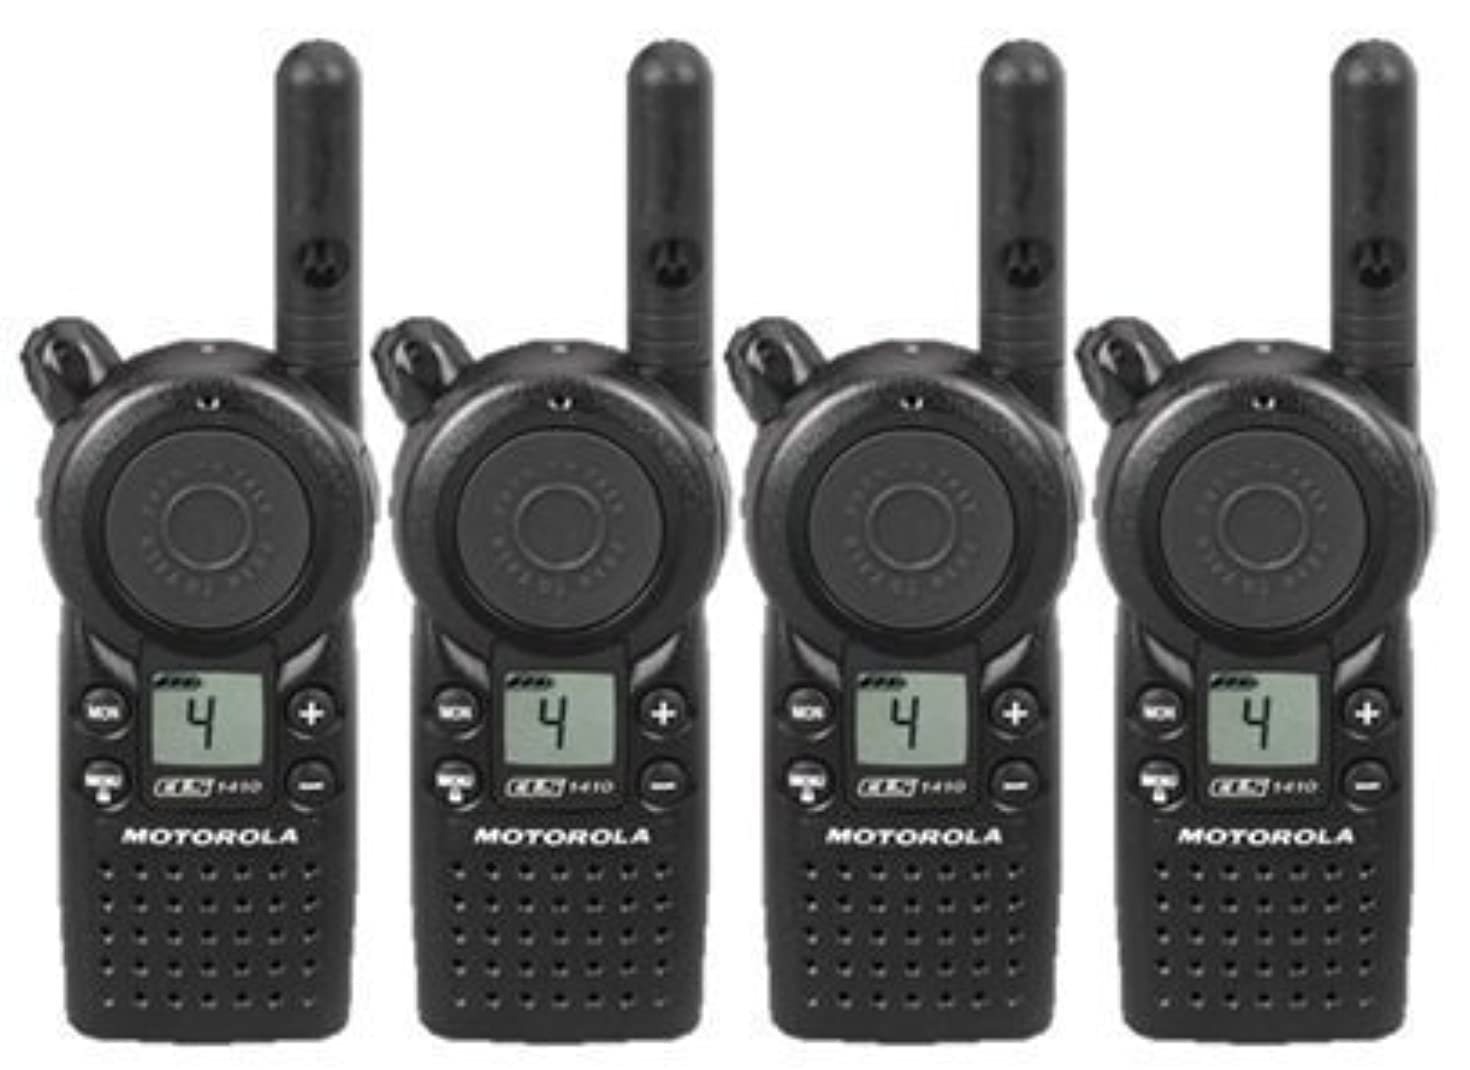 4 Pack of Motorola CLS1410 Two Way Radio Walkie Talkies (UHF)